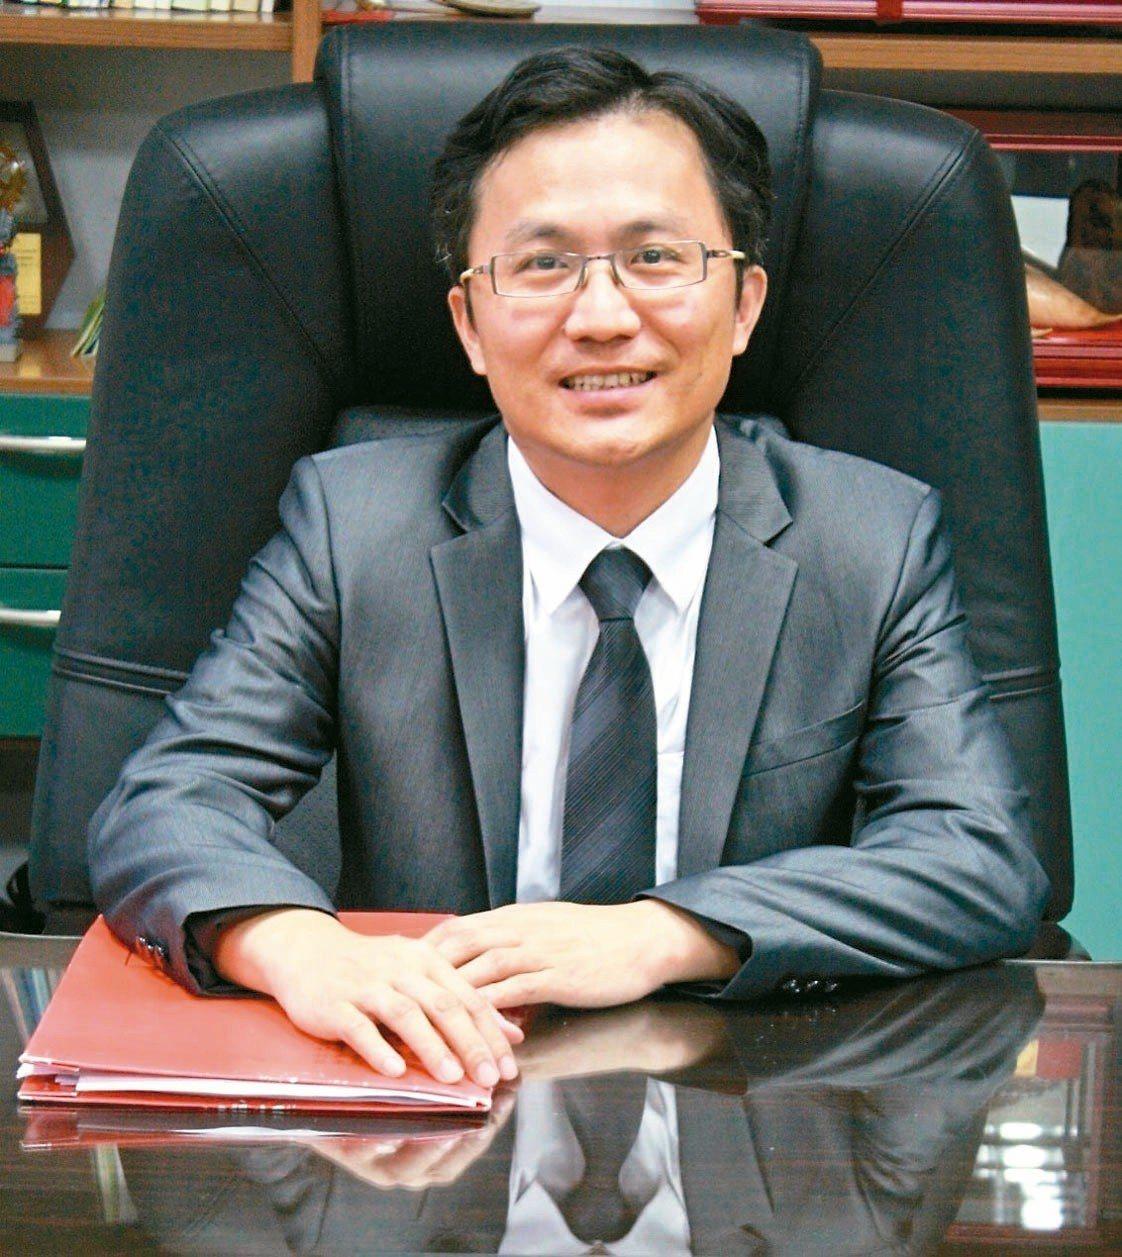 和平高中校長陳智源是北一女七十四年來首位男校長。 圖/台北市教育局提供